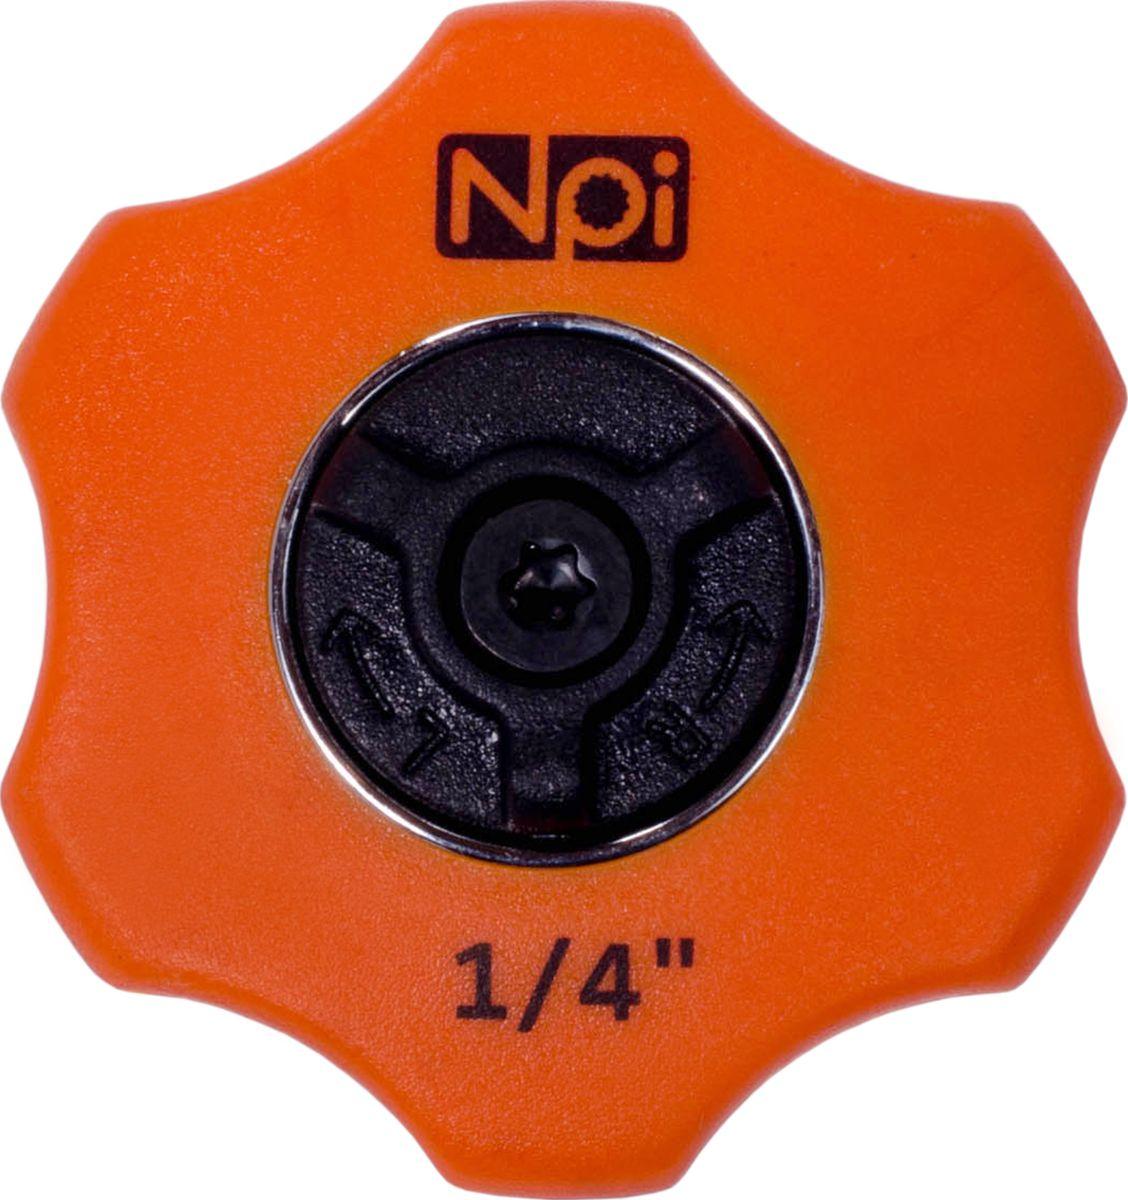 Трещотка-мини NPI, 1/4, 72 зубаCA-3505Мини-трещотка. Размер 1/4. Имеет 72 зуба. Встроенный переключатель вращения. Прочное композитное покрытие.